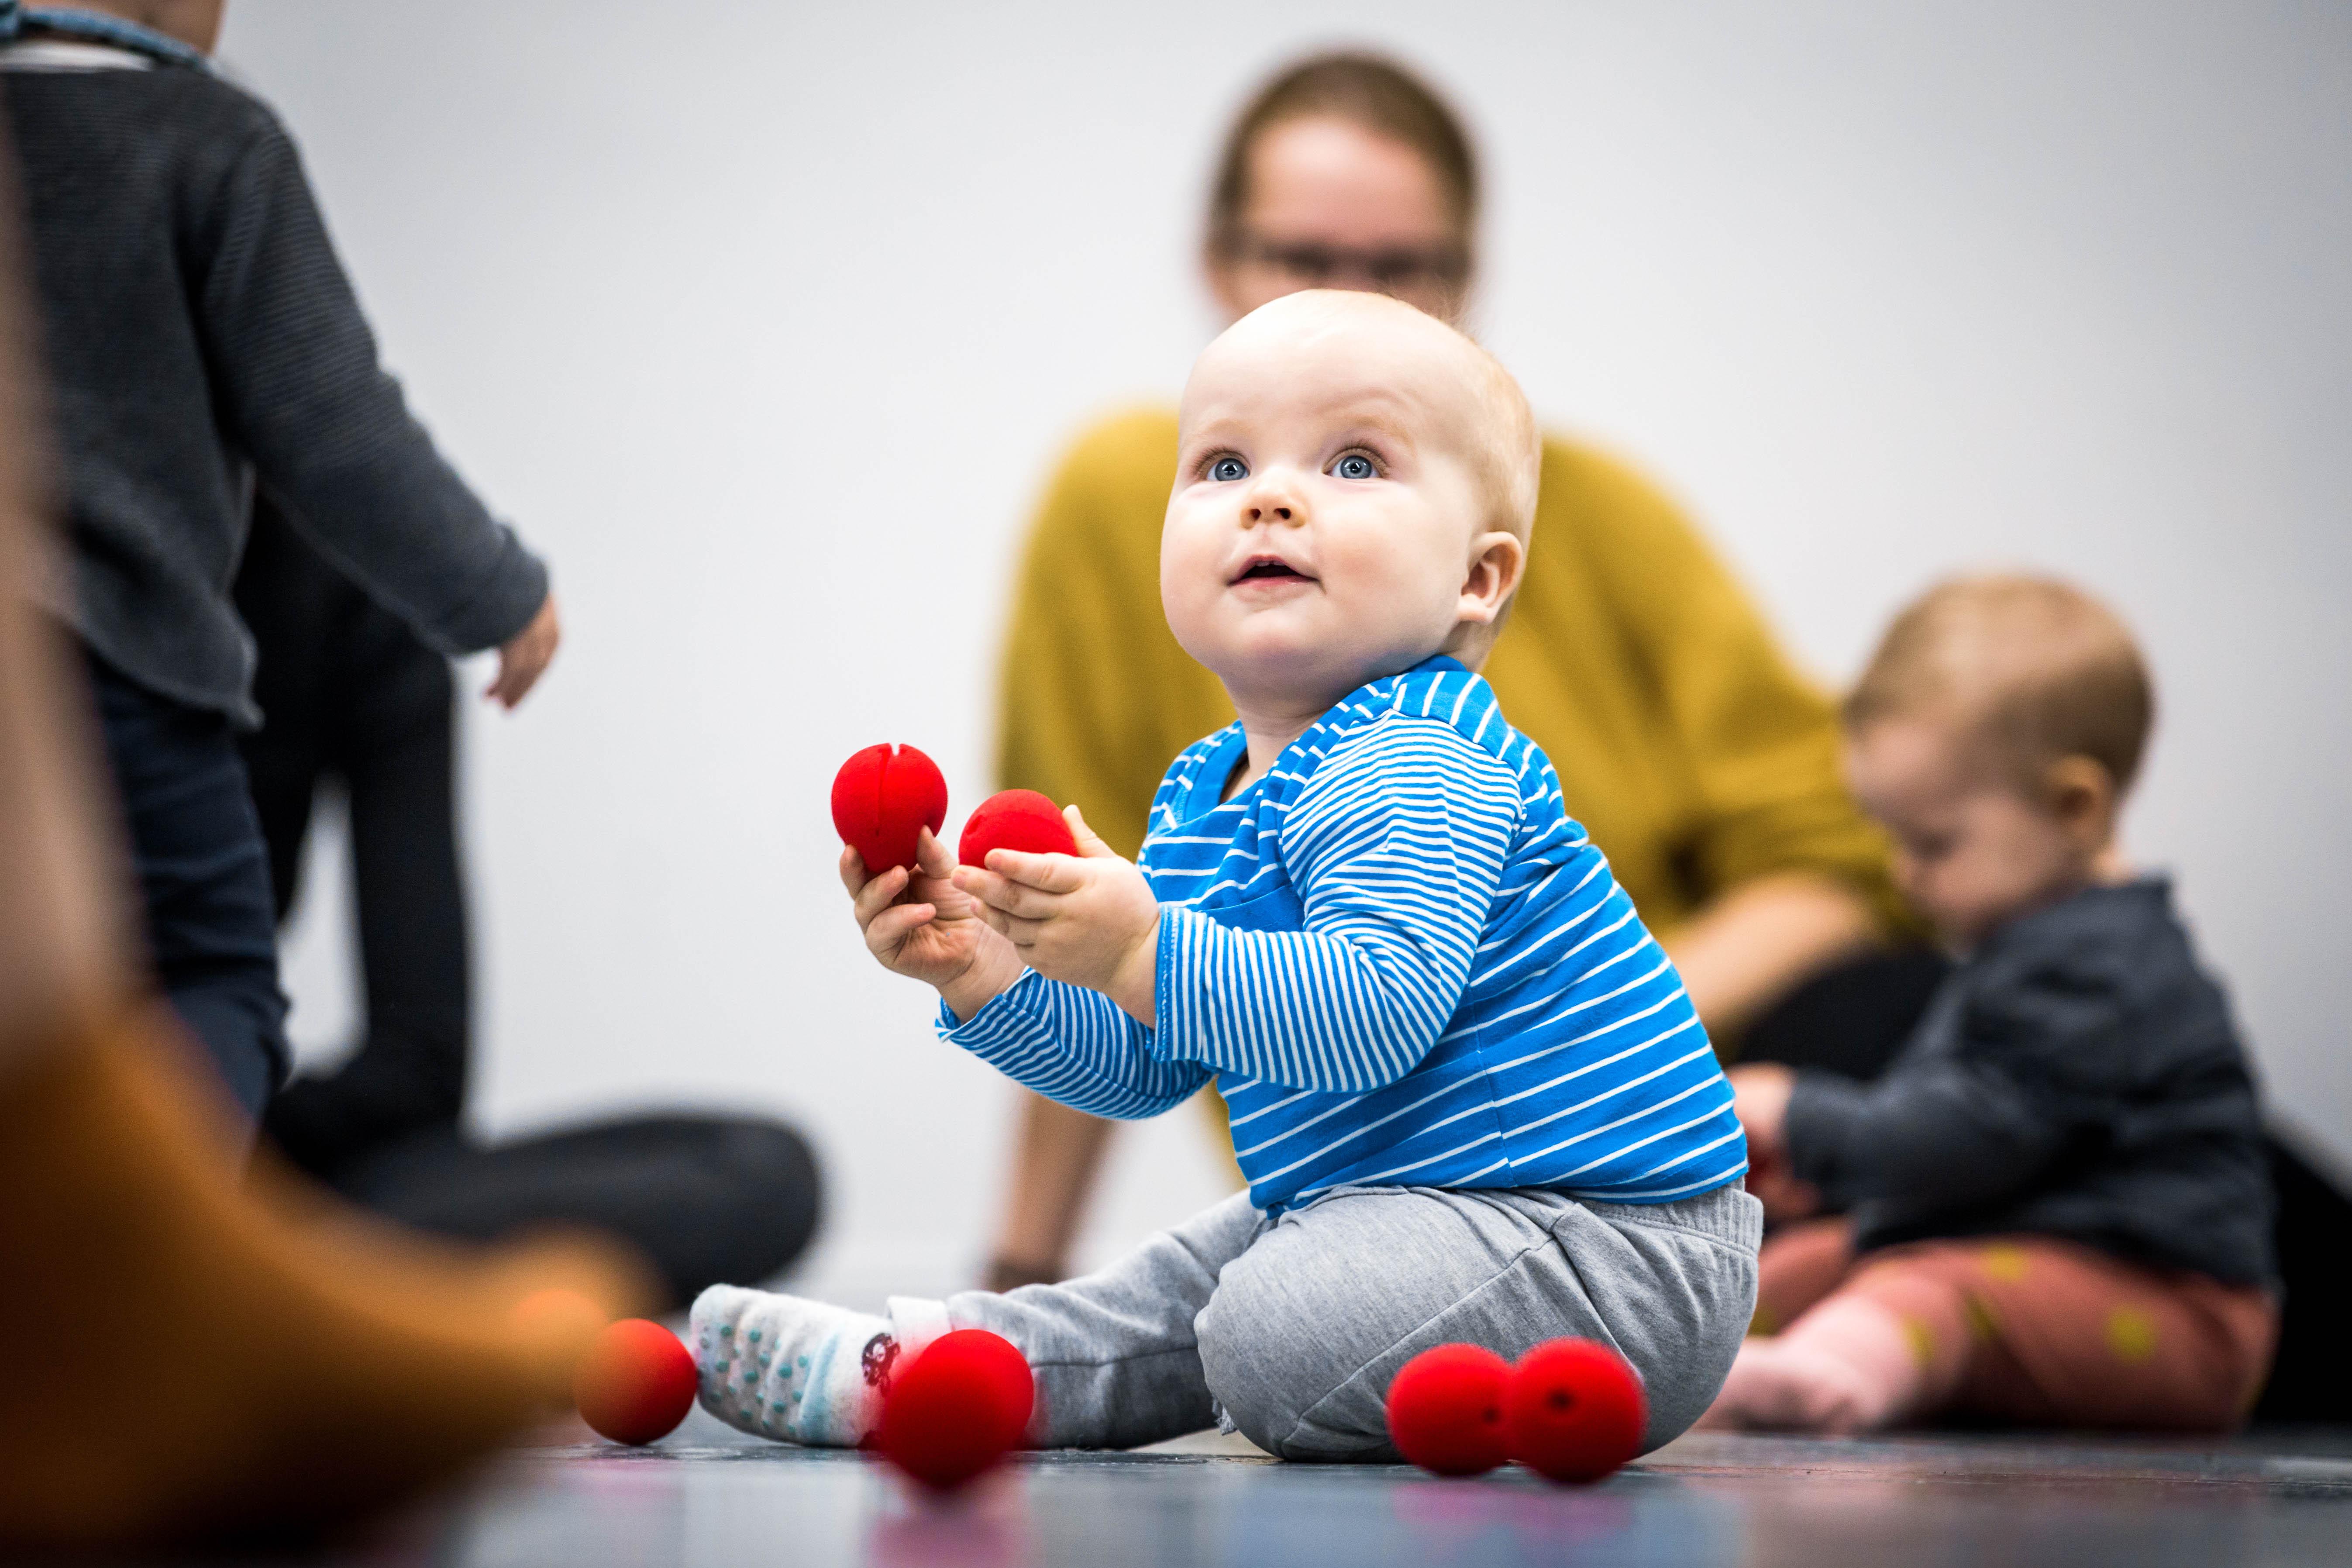 Žaidžiantis kūdikis šokio pamokėlių metu